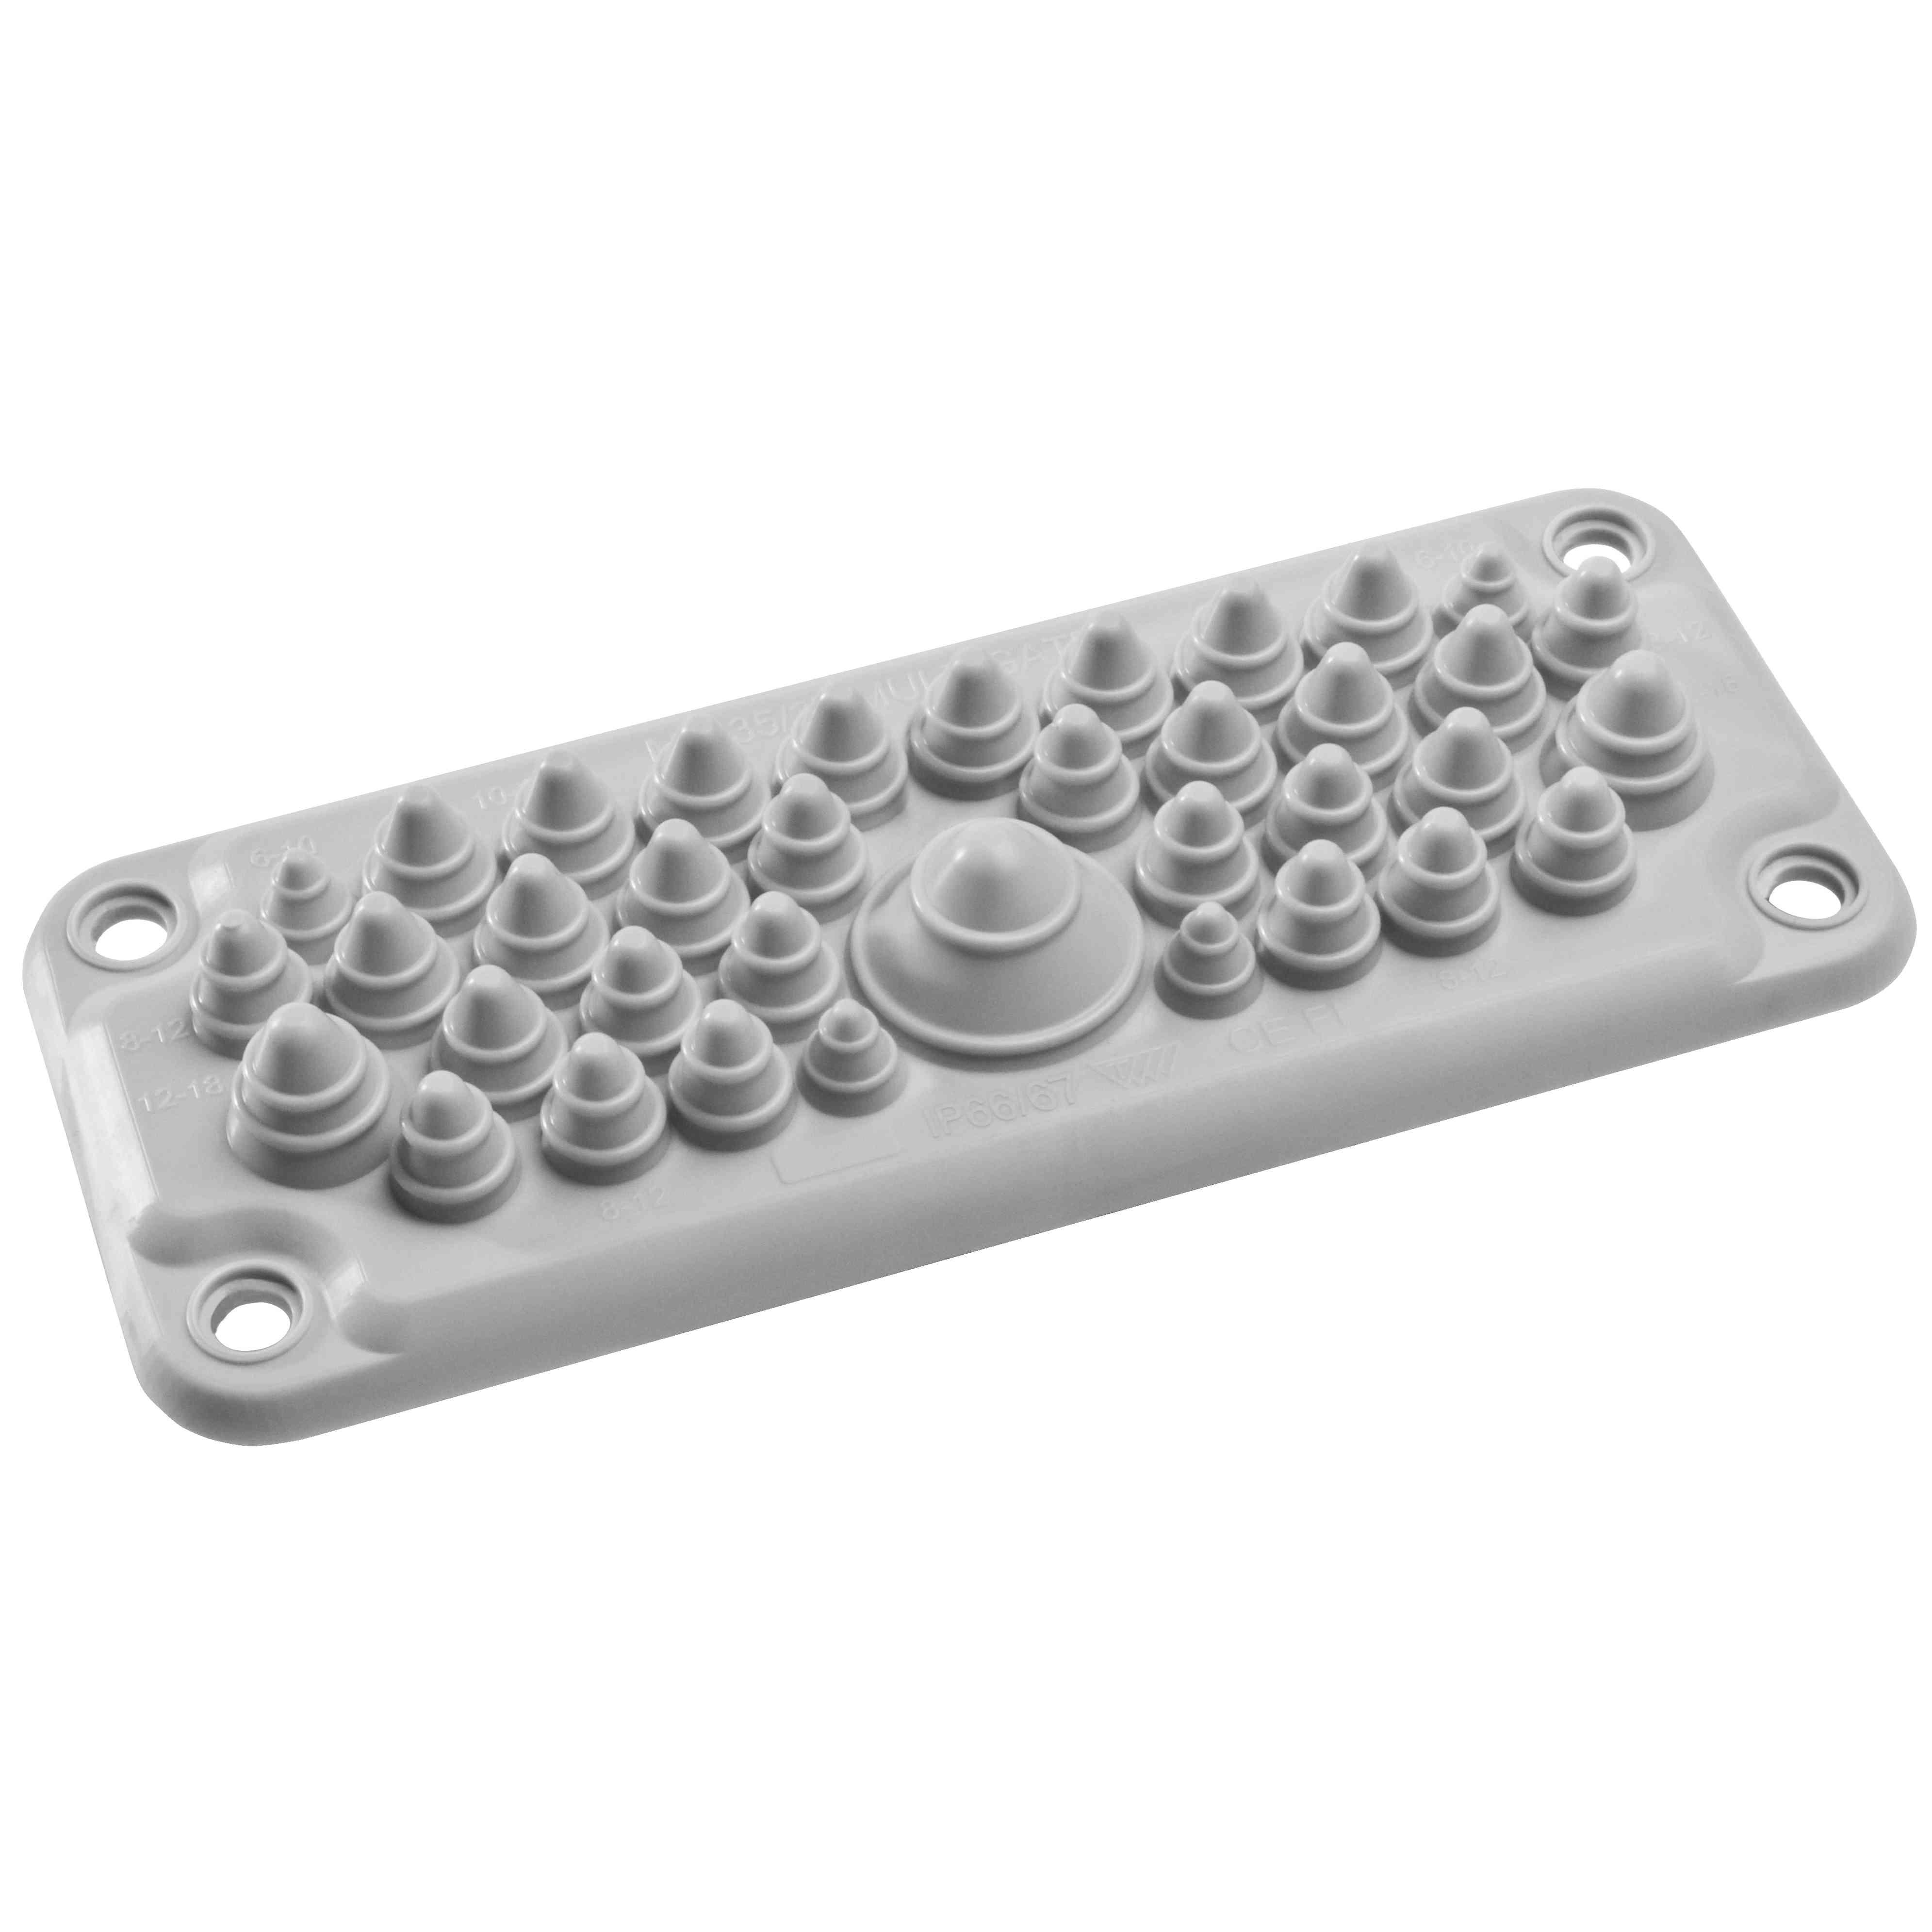 Spacial - membrana za kabelski vhod tipa FL21 s 37 vhodi IP66